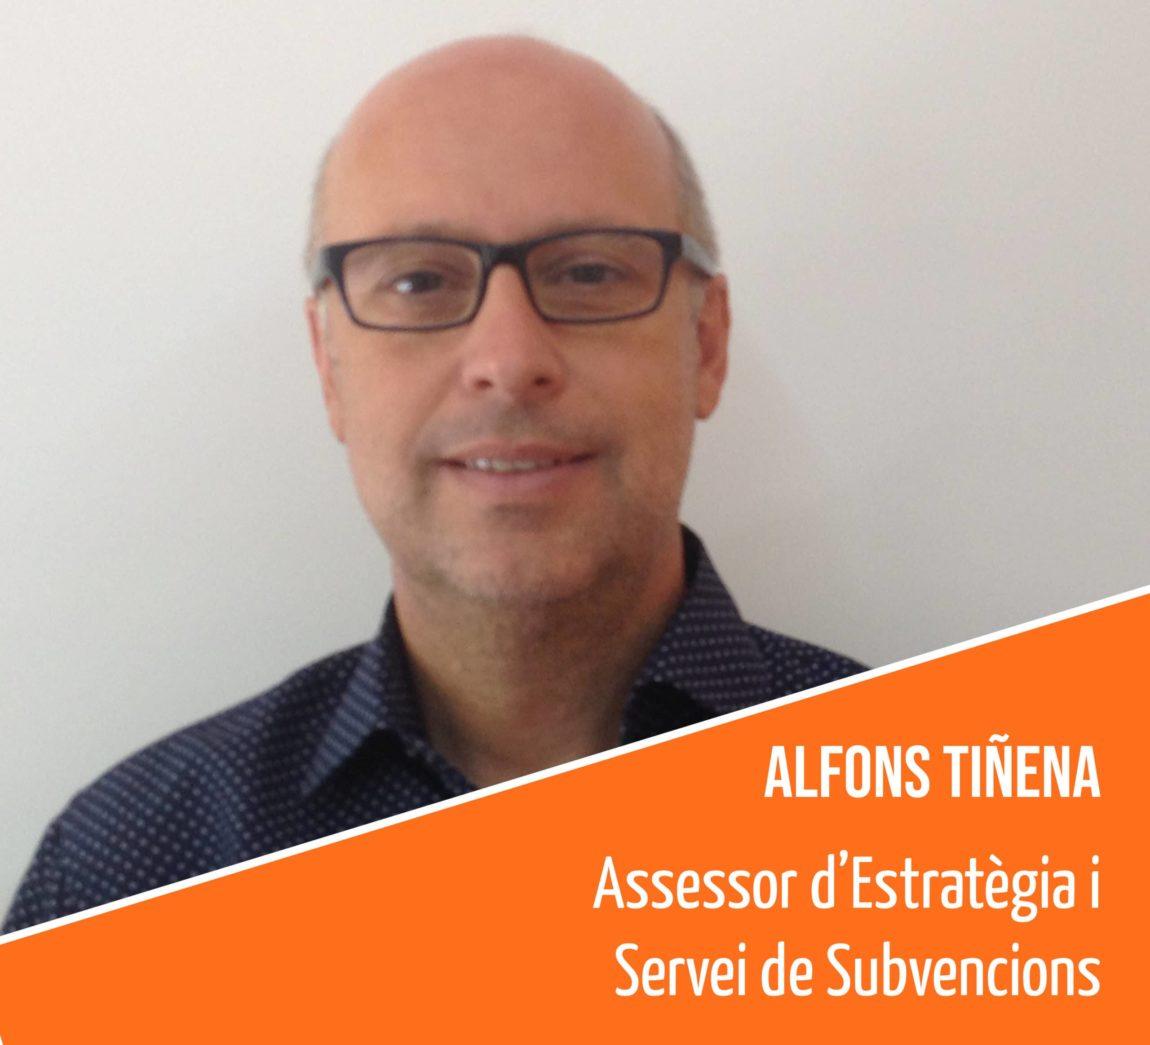 Coneix l'equip humà de la FAC: Alfons Tiñena, assessor d'Estratègia i Servei de Subvencions